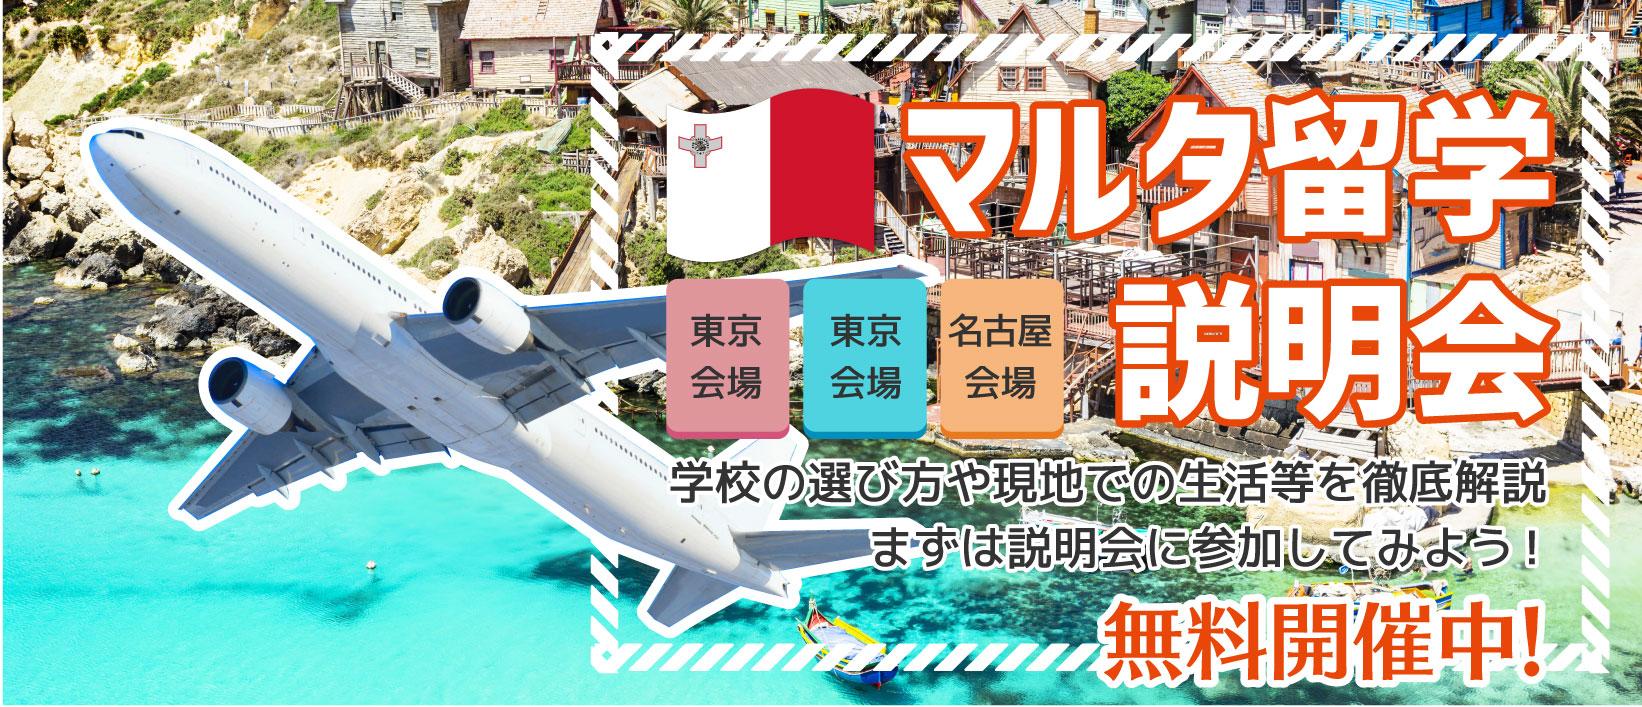 マルタ留学無料説明会!